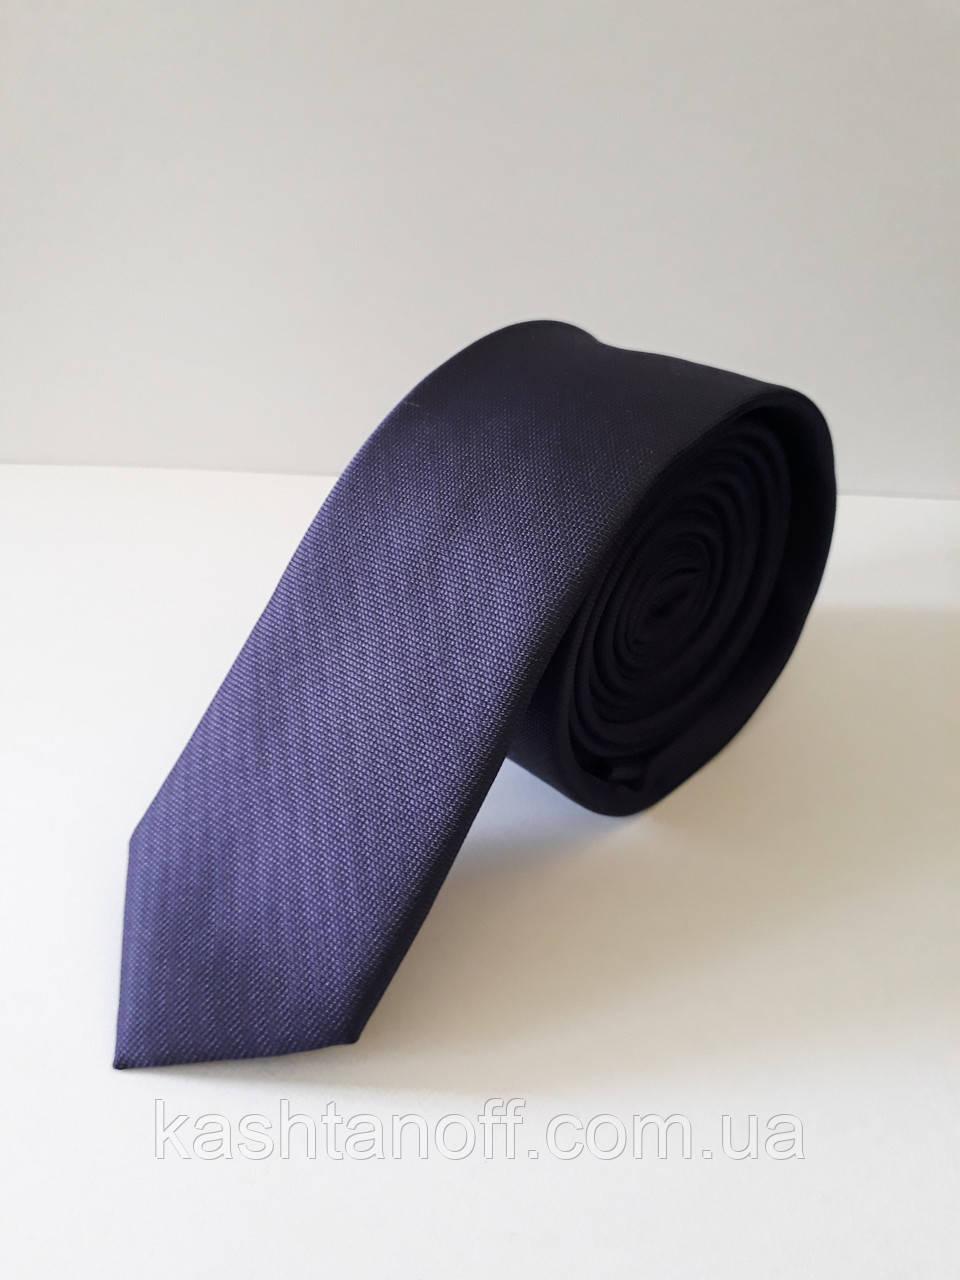 Узкий фиолетовый галстук